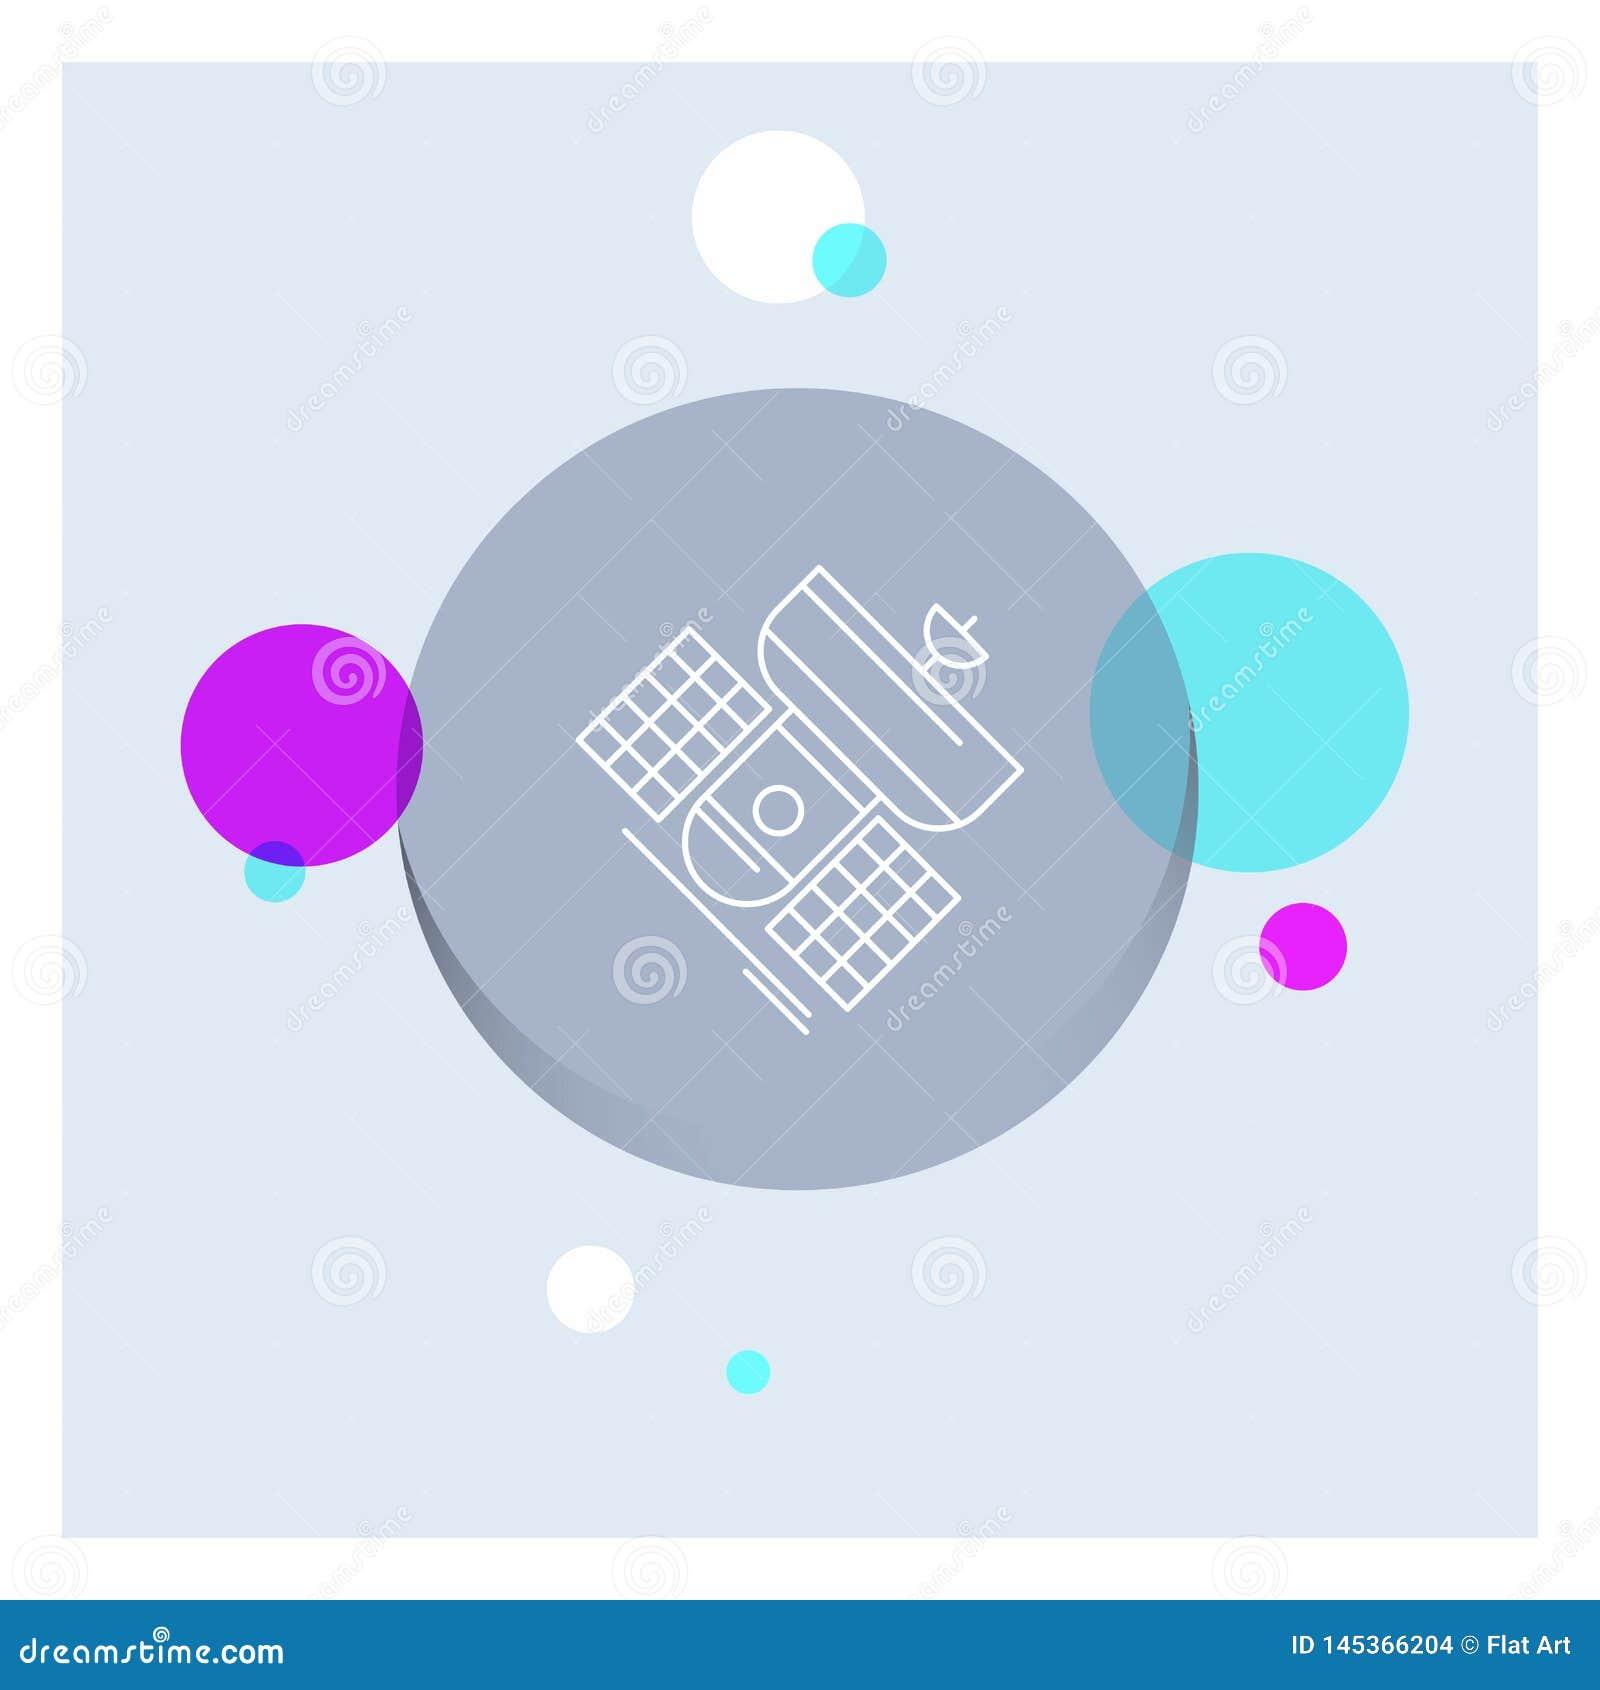 Uitzending, het uitzenden, mededeling, satelliet, Achtergrond van de het Pictogram kleurrijke Cirkel van de telecommunicatie de W